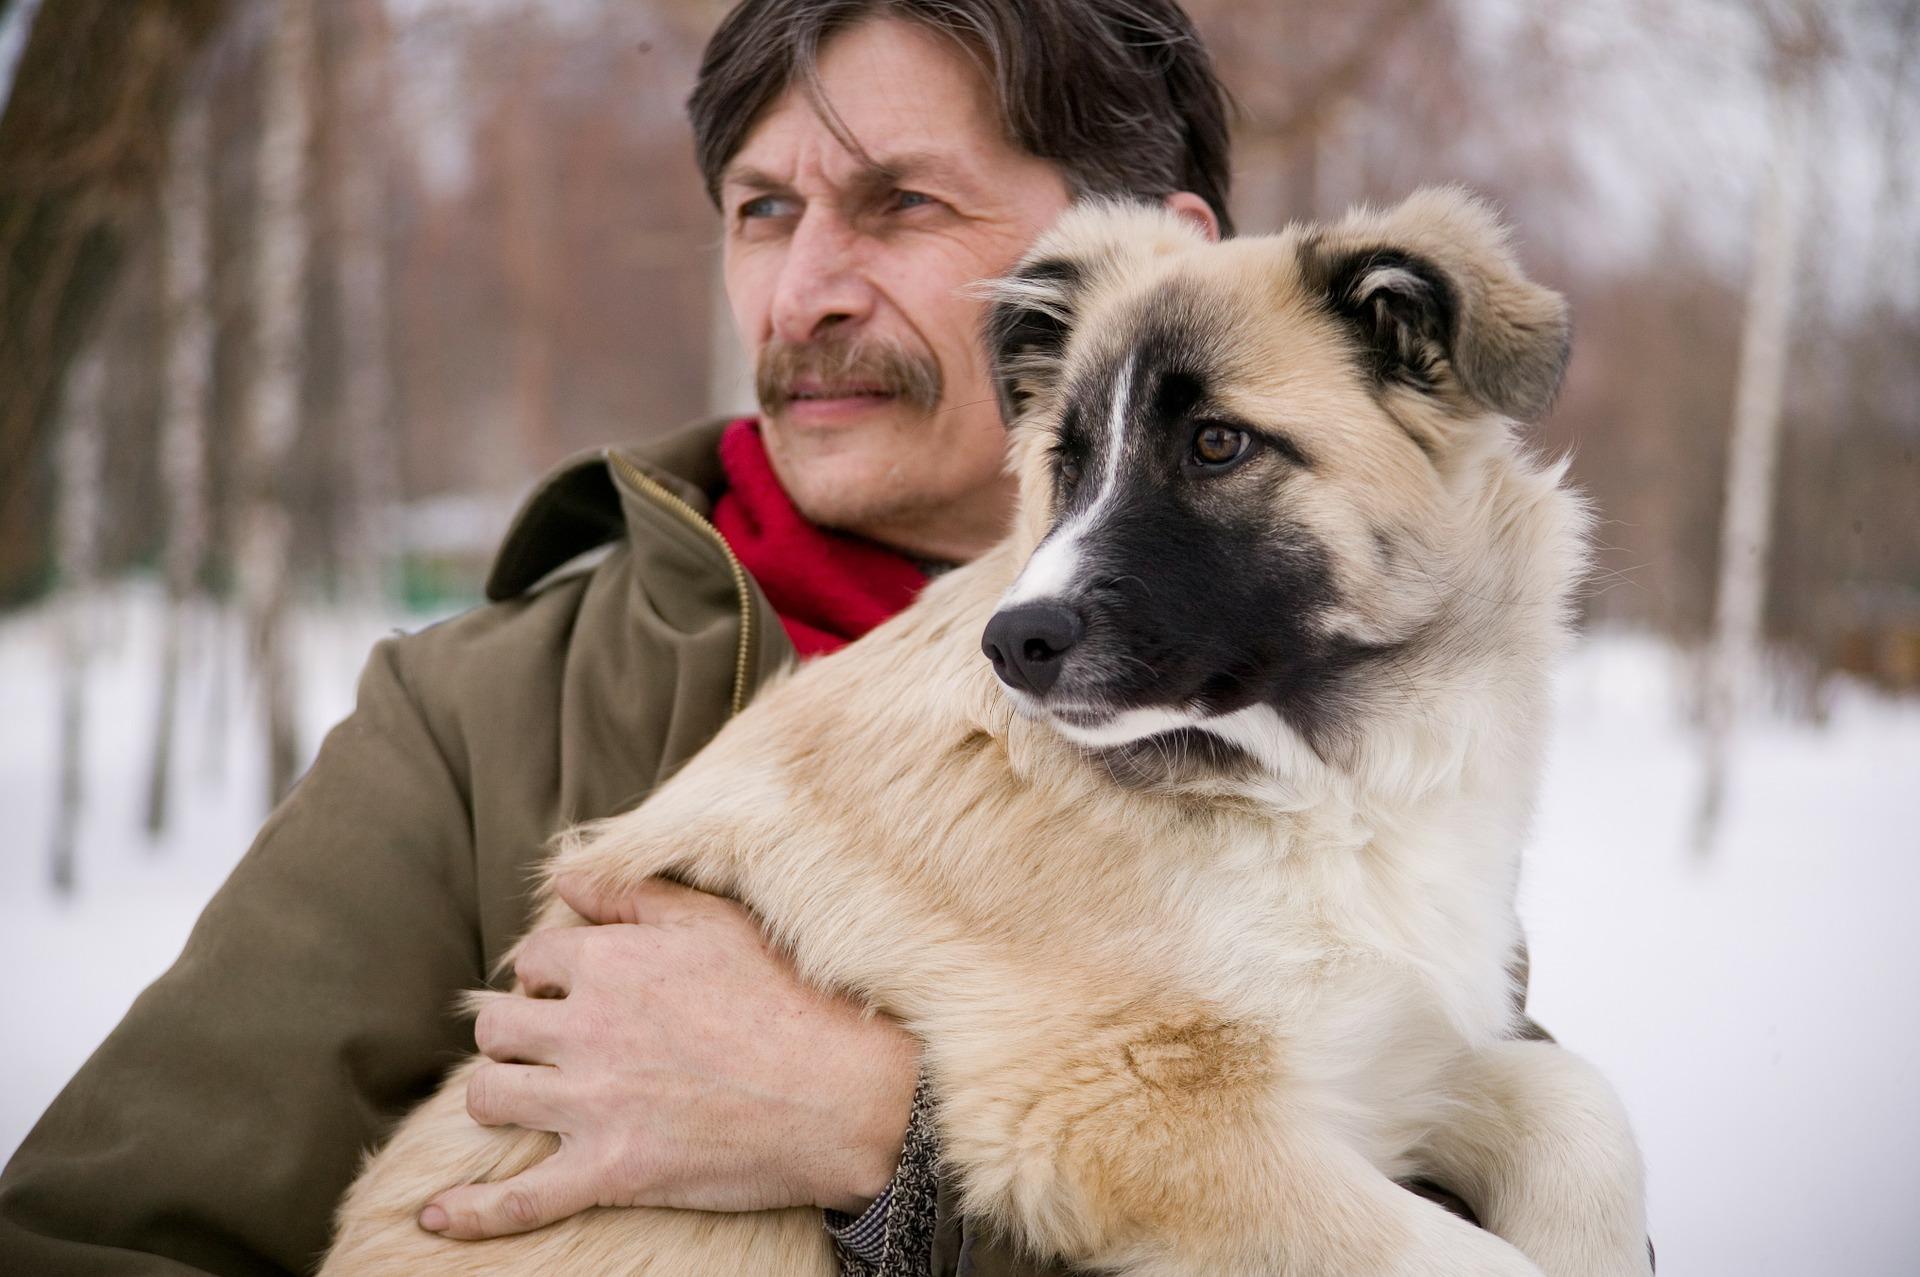 Pes je pri treh letih star enako kot 50-letni človek!